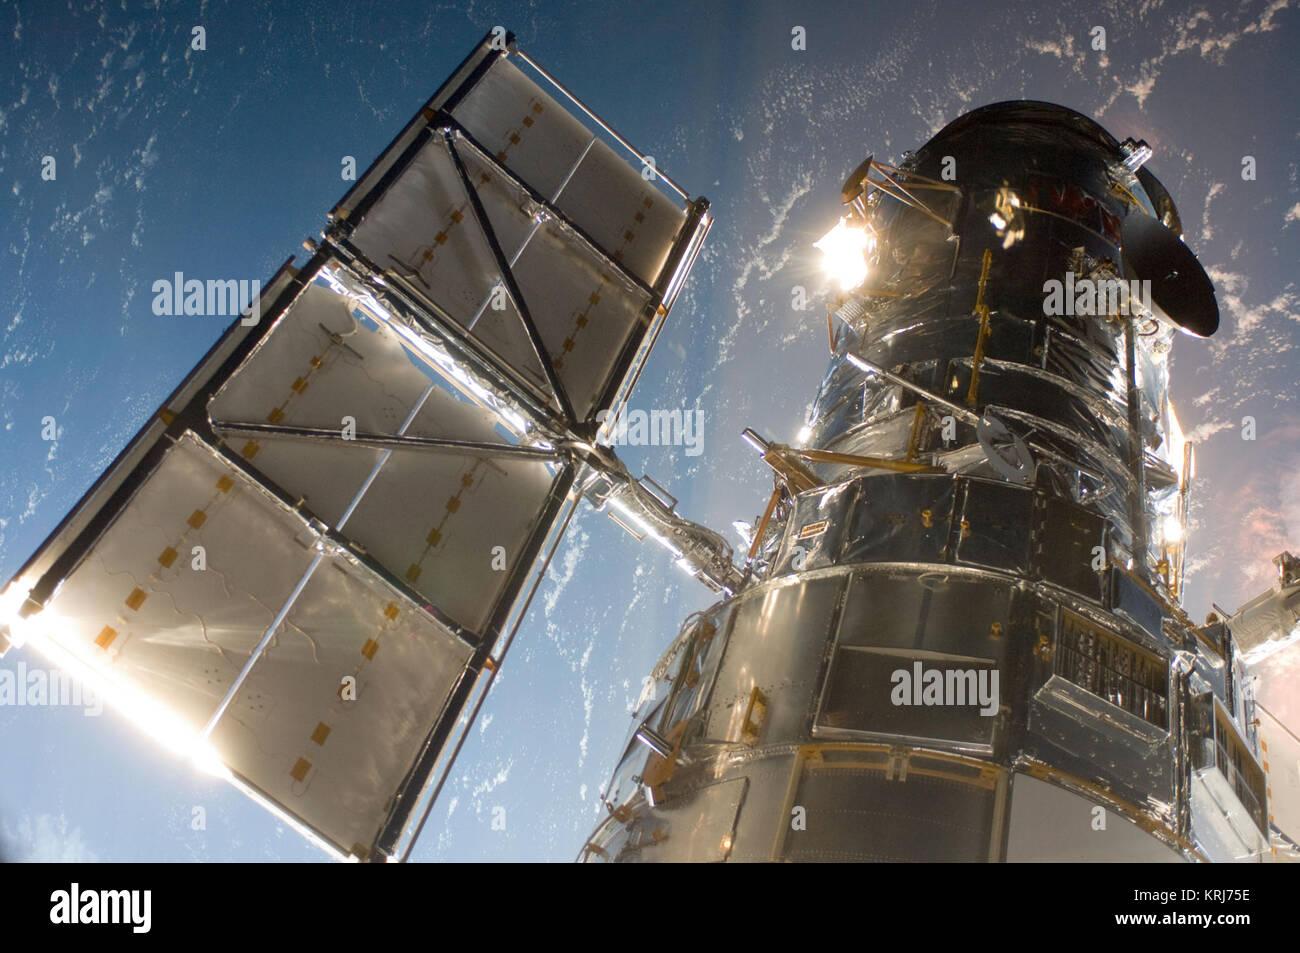 El Telescopio Espacial Hubble en una imagen fotografiada por una misión de mantenimiento 4 justo después de que el miembro de la tripulación del Transbordador Espacial Atlantis capturaron el Hubble con su brazo robótico el 13 de mayo de 2009, comenzando la misión de reparar y actualizar el telescopio. El Telescopio Espacial Hubble es un proyecto de cooperación internacional entre la NASA y la Agencia Espacial Europea. NASA Goddard Space Flight Center gestiona el telescopio. El Instituto de Ciencias del Telescopio Espacial conduce las operaciones científicas del Hubble. Goddard HST es responsable de la gestión del proyecto, incluida la misión y operaciones científicas, misiones de mantenimiento, y un Foto de stock